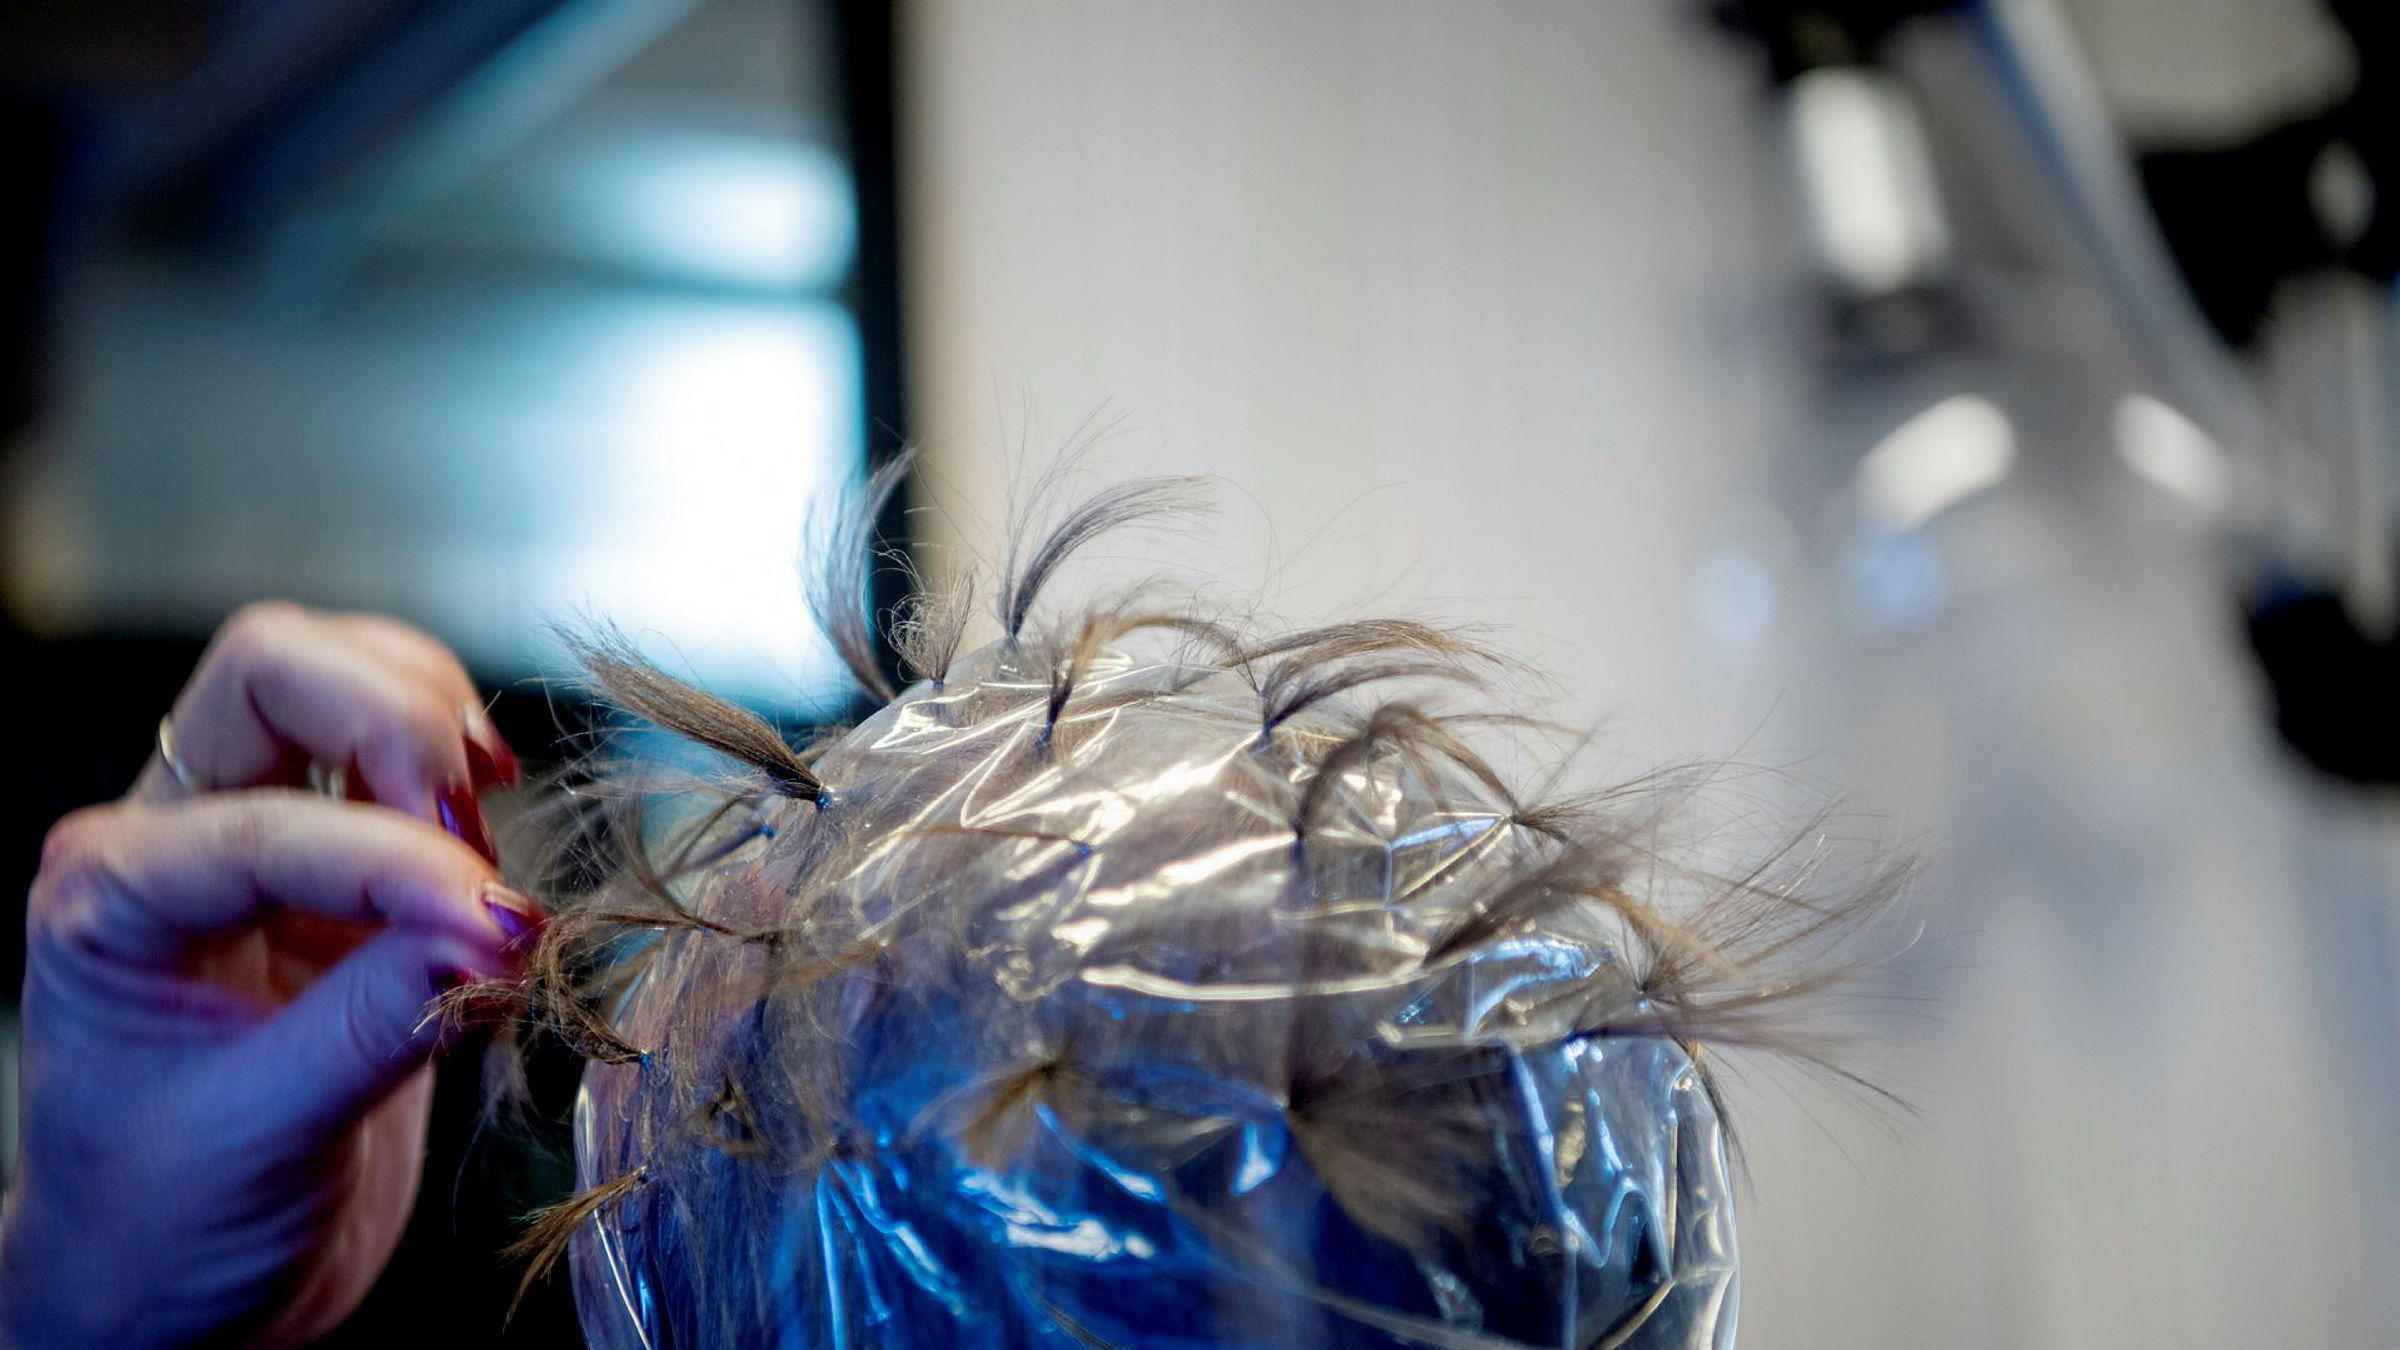 Da frisørene endelig kunne åpne igjen, kastet vi oss rundt og stilte oss i kø. Heldige er de næringene som kan oppleve samme kundebegeistring, skriver Anne Worsøe.